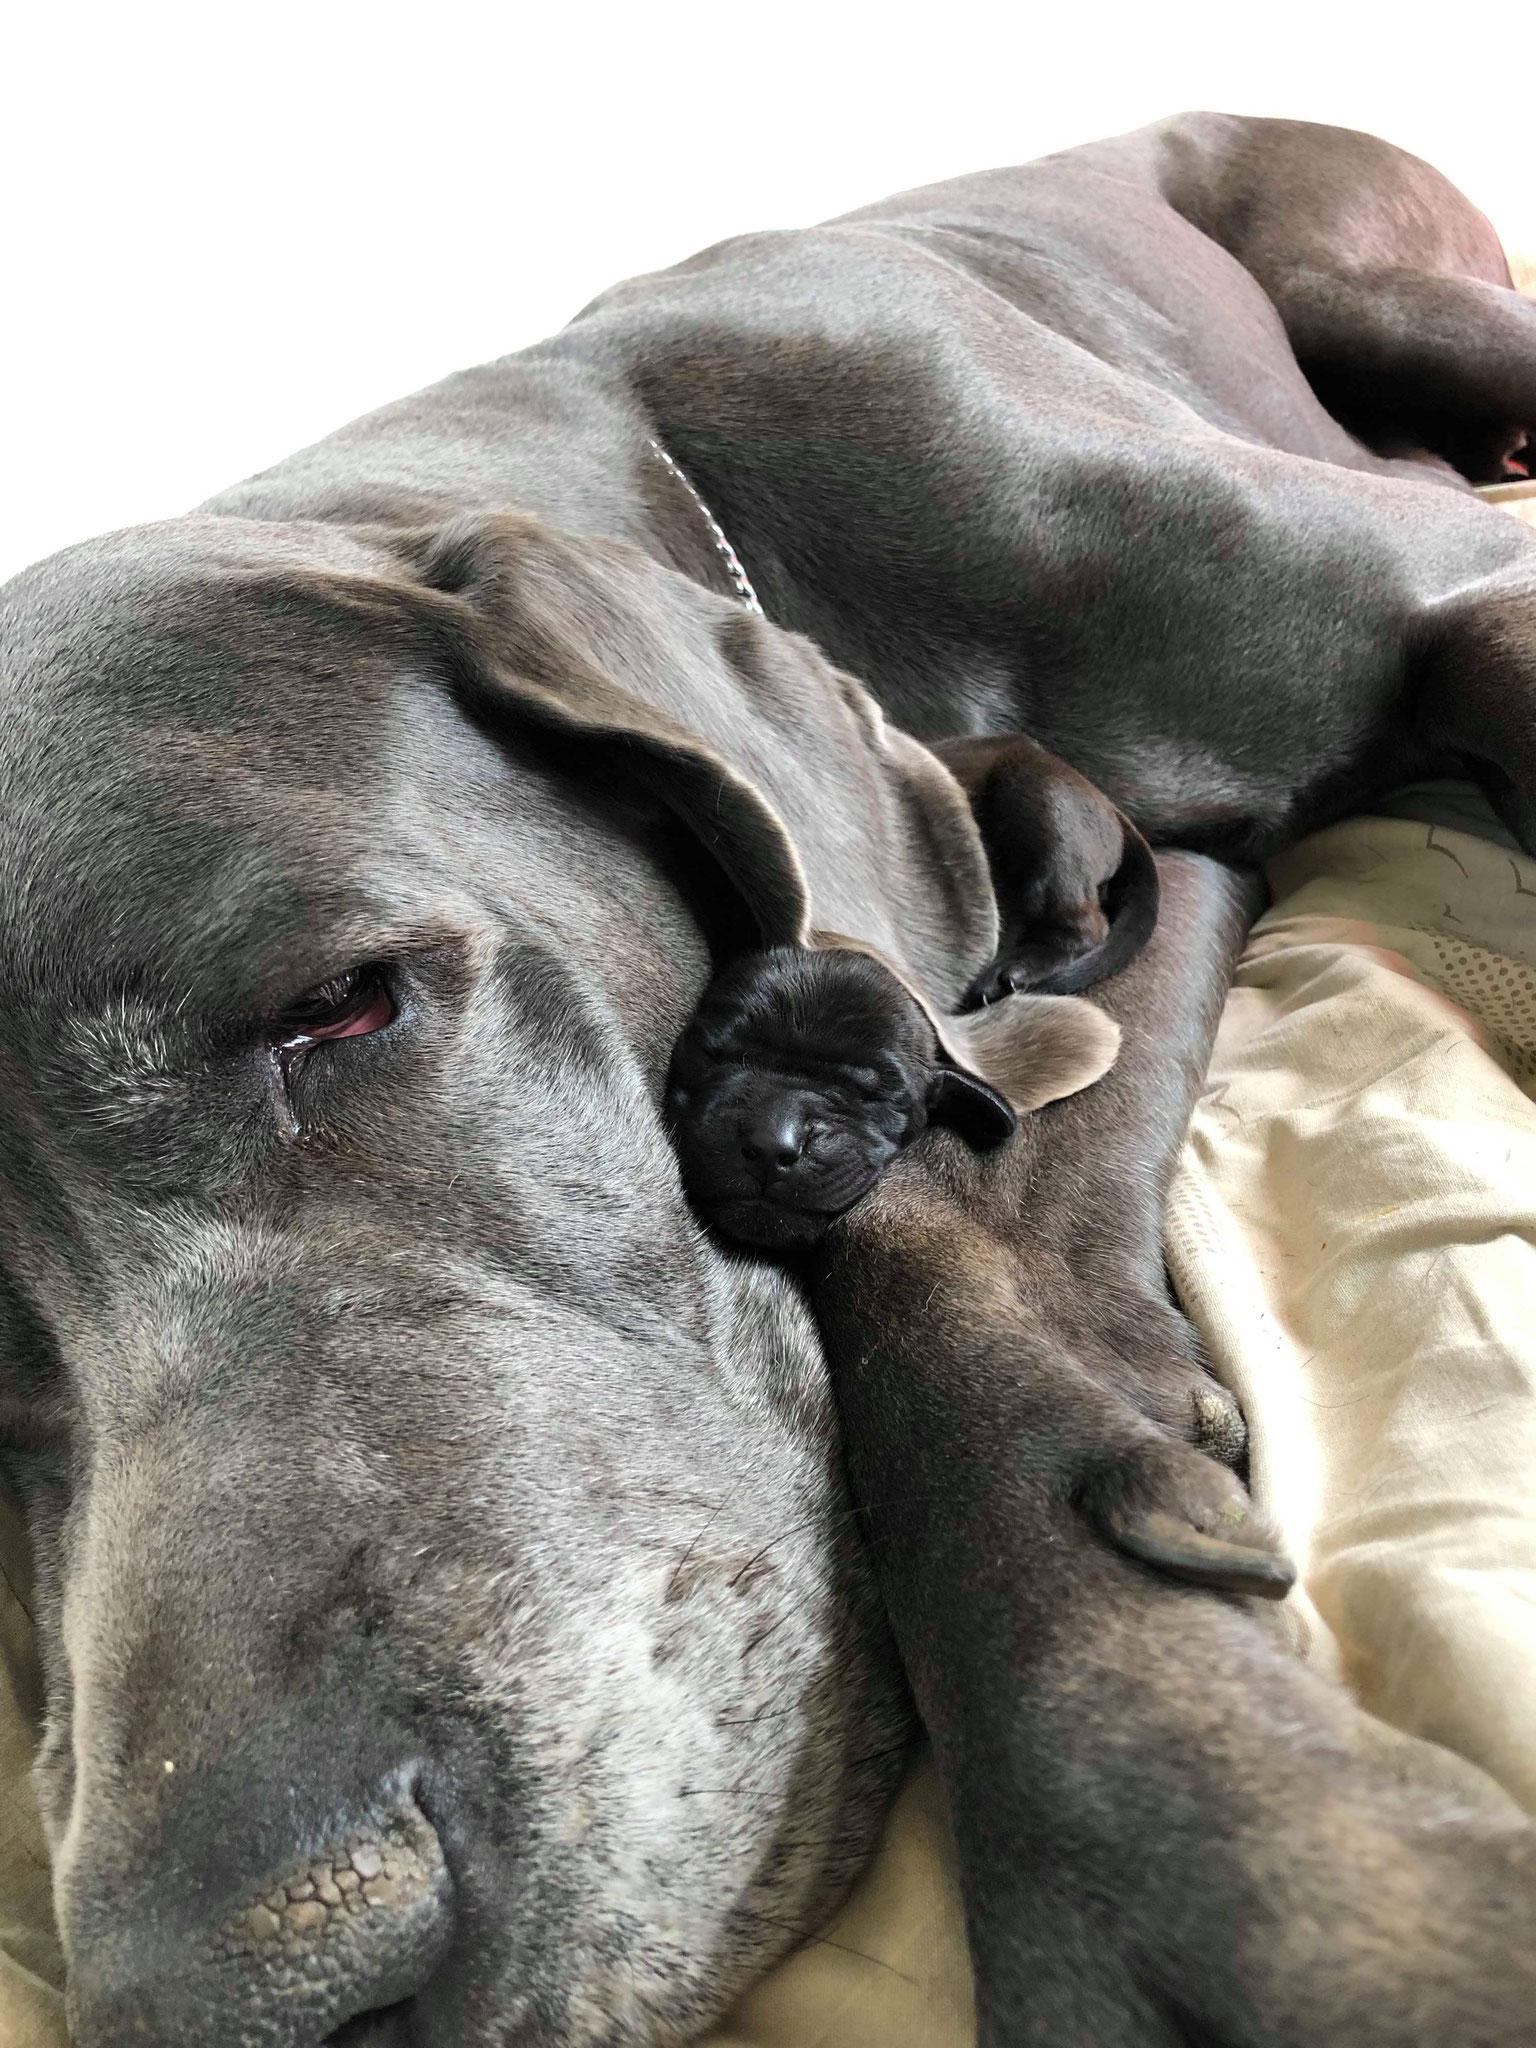 zauberhaft, Käthe und ihr Adoptiv-Knirps